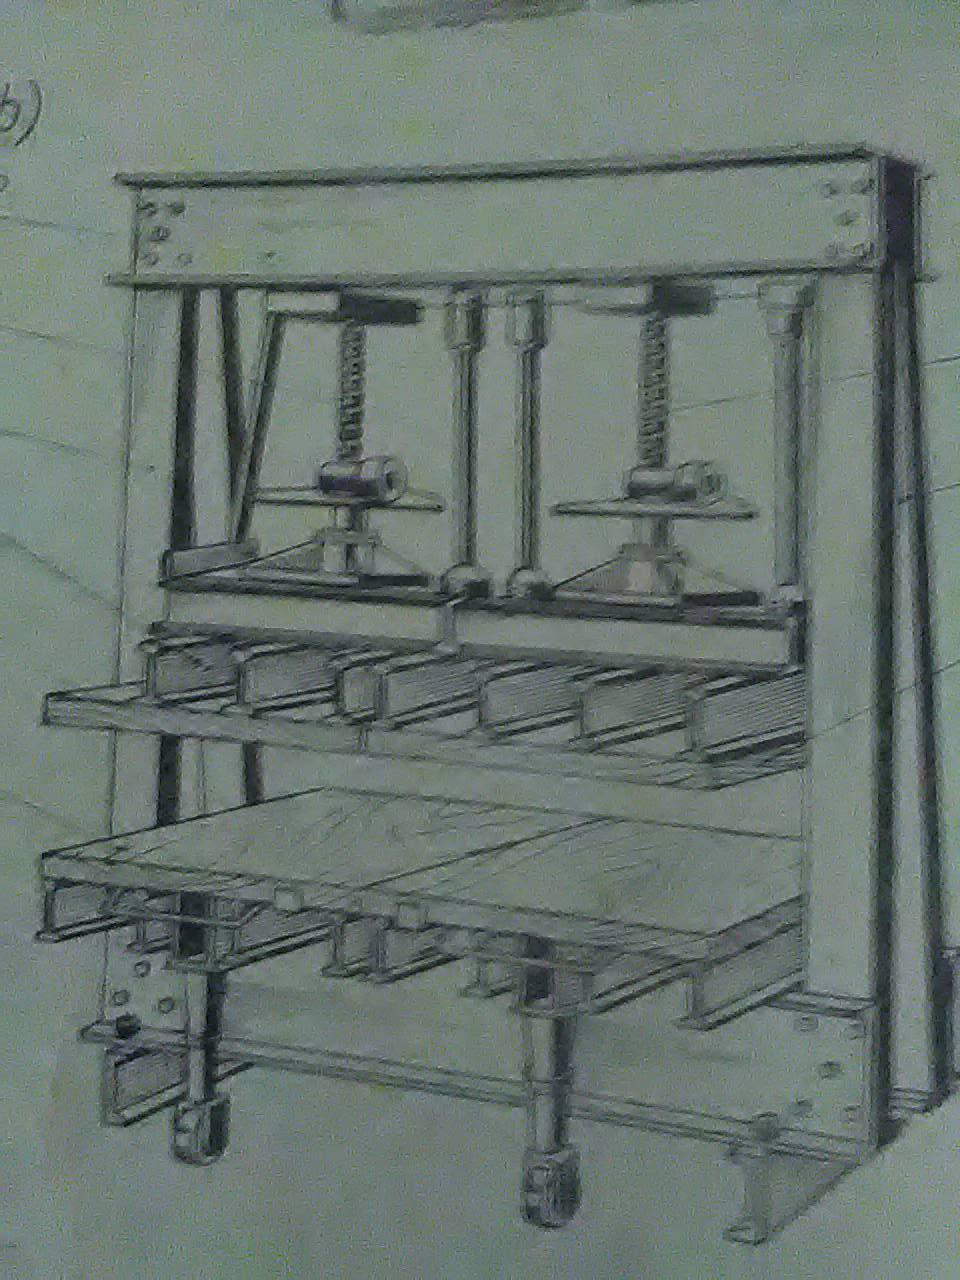 śrubowa prasa do klejenia drewna